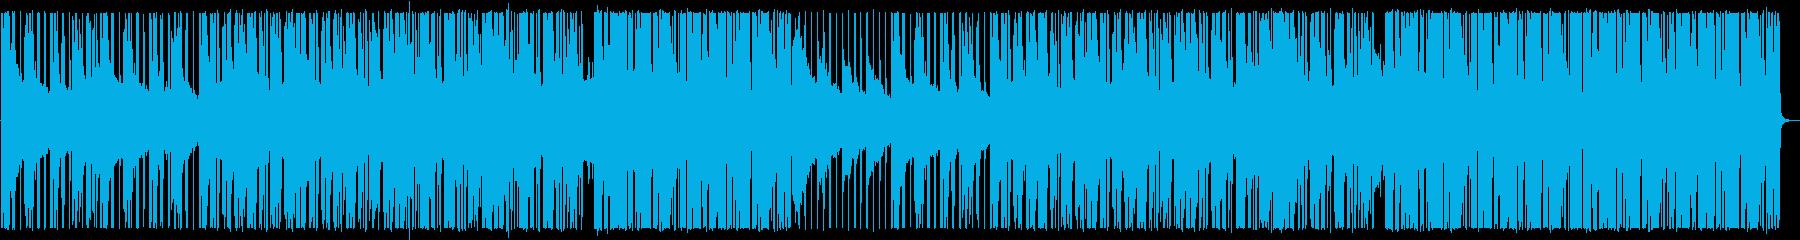 都会/優しい/R&B_440の再生済みの波形